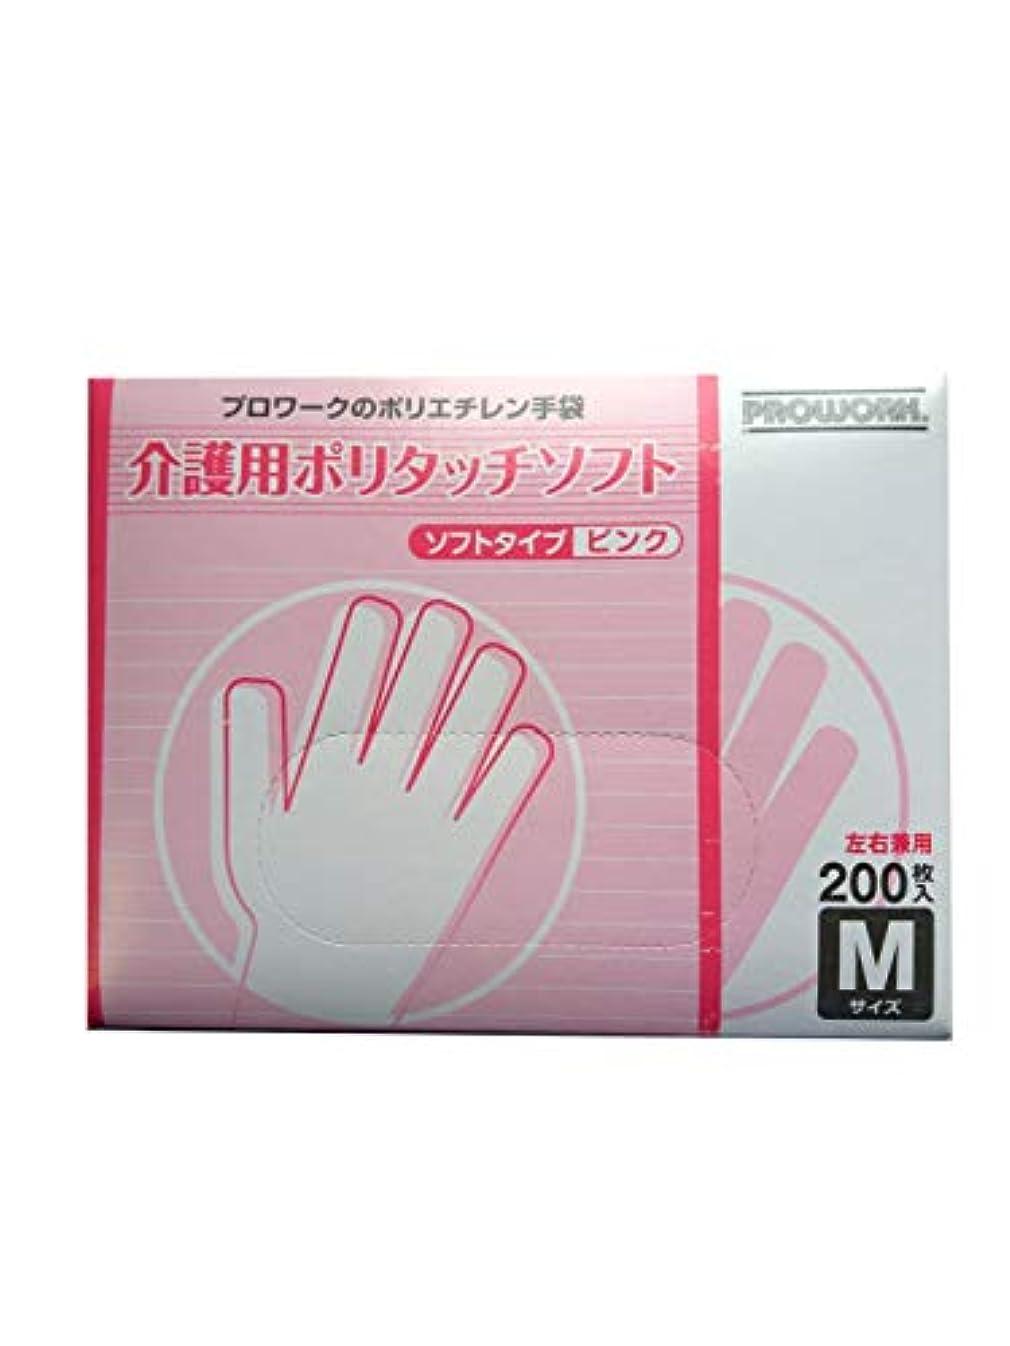 膜想起大脳介護用ポリタッチソフト手袋 ピンク Mサイズ 左右兼用200枚入